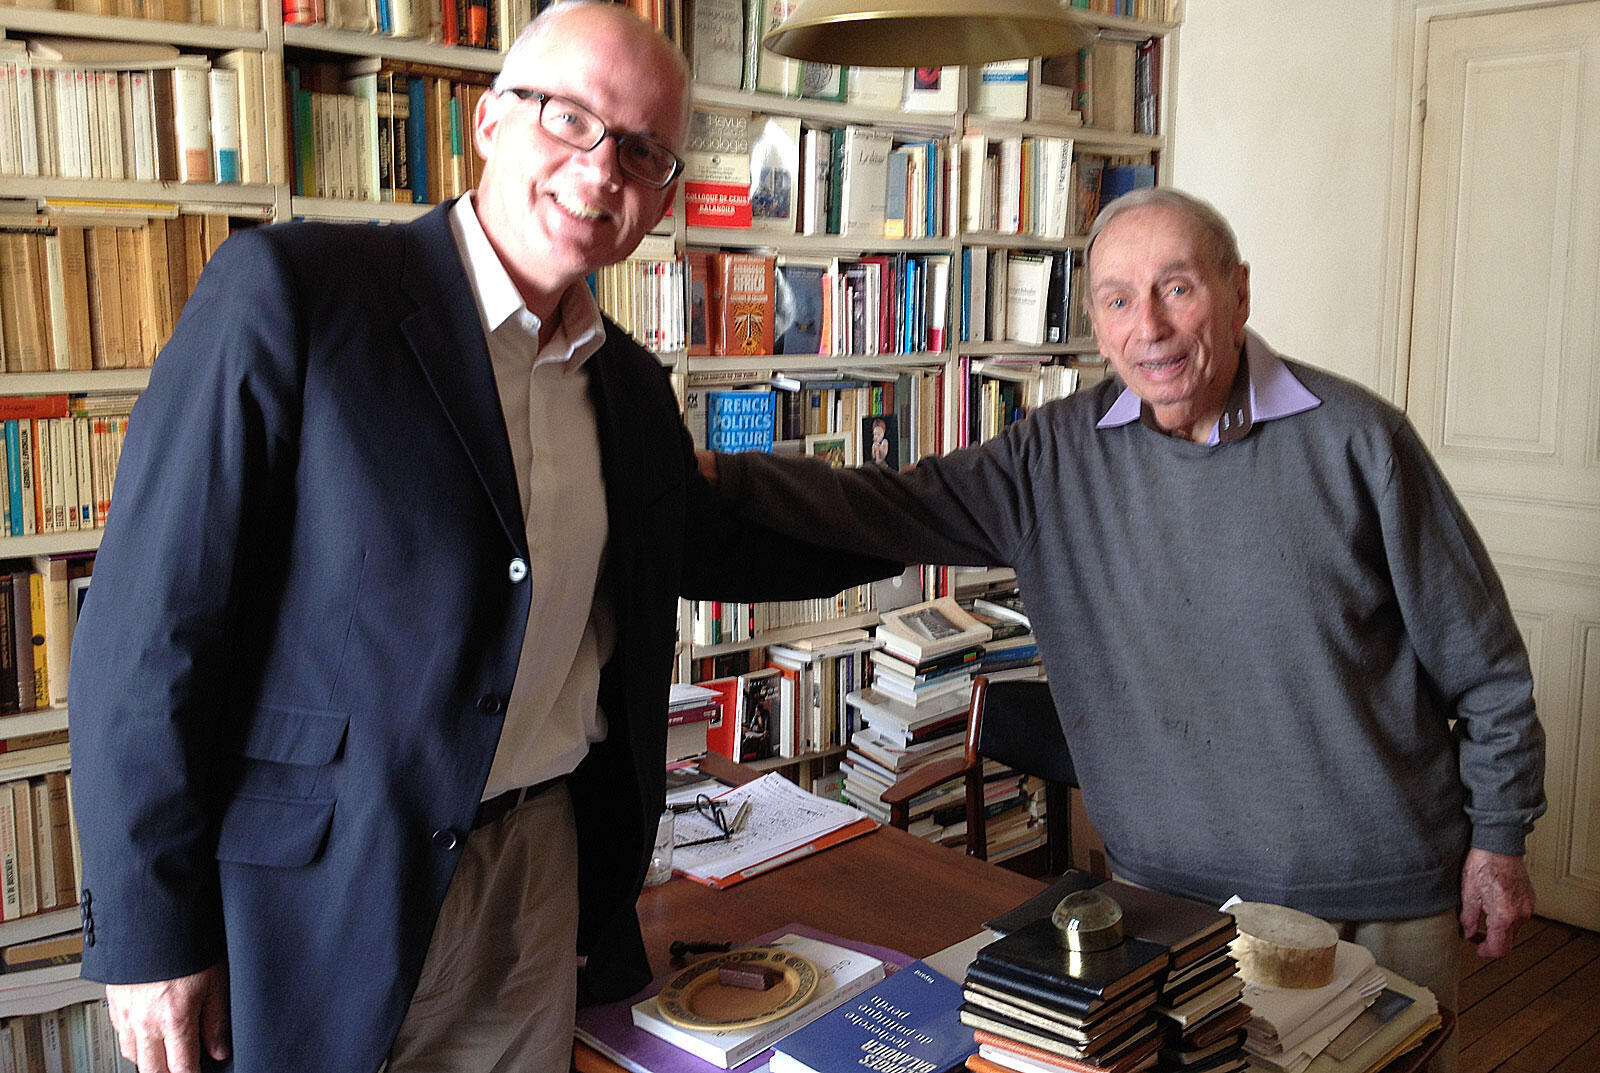 De g. à d. : Pierre-Edouard Deldique et Georges Balandier.